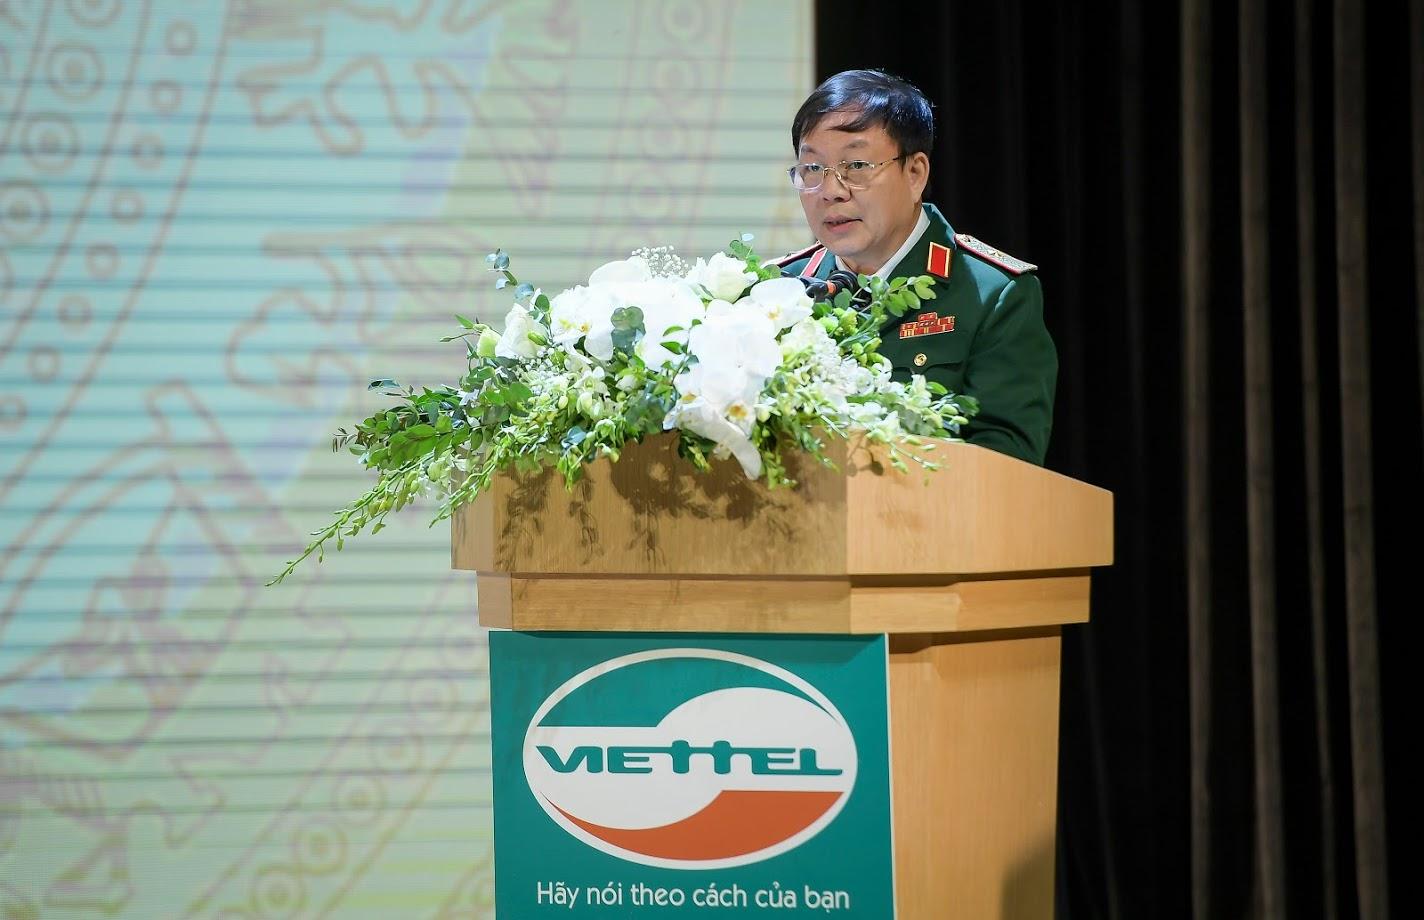 Doanh thu đạt 1,2 triệu tỷ đồng, Viettel hướng tới tốp 20 thế giới